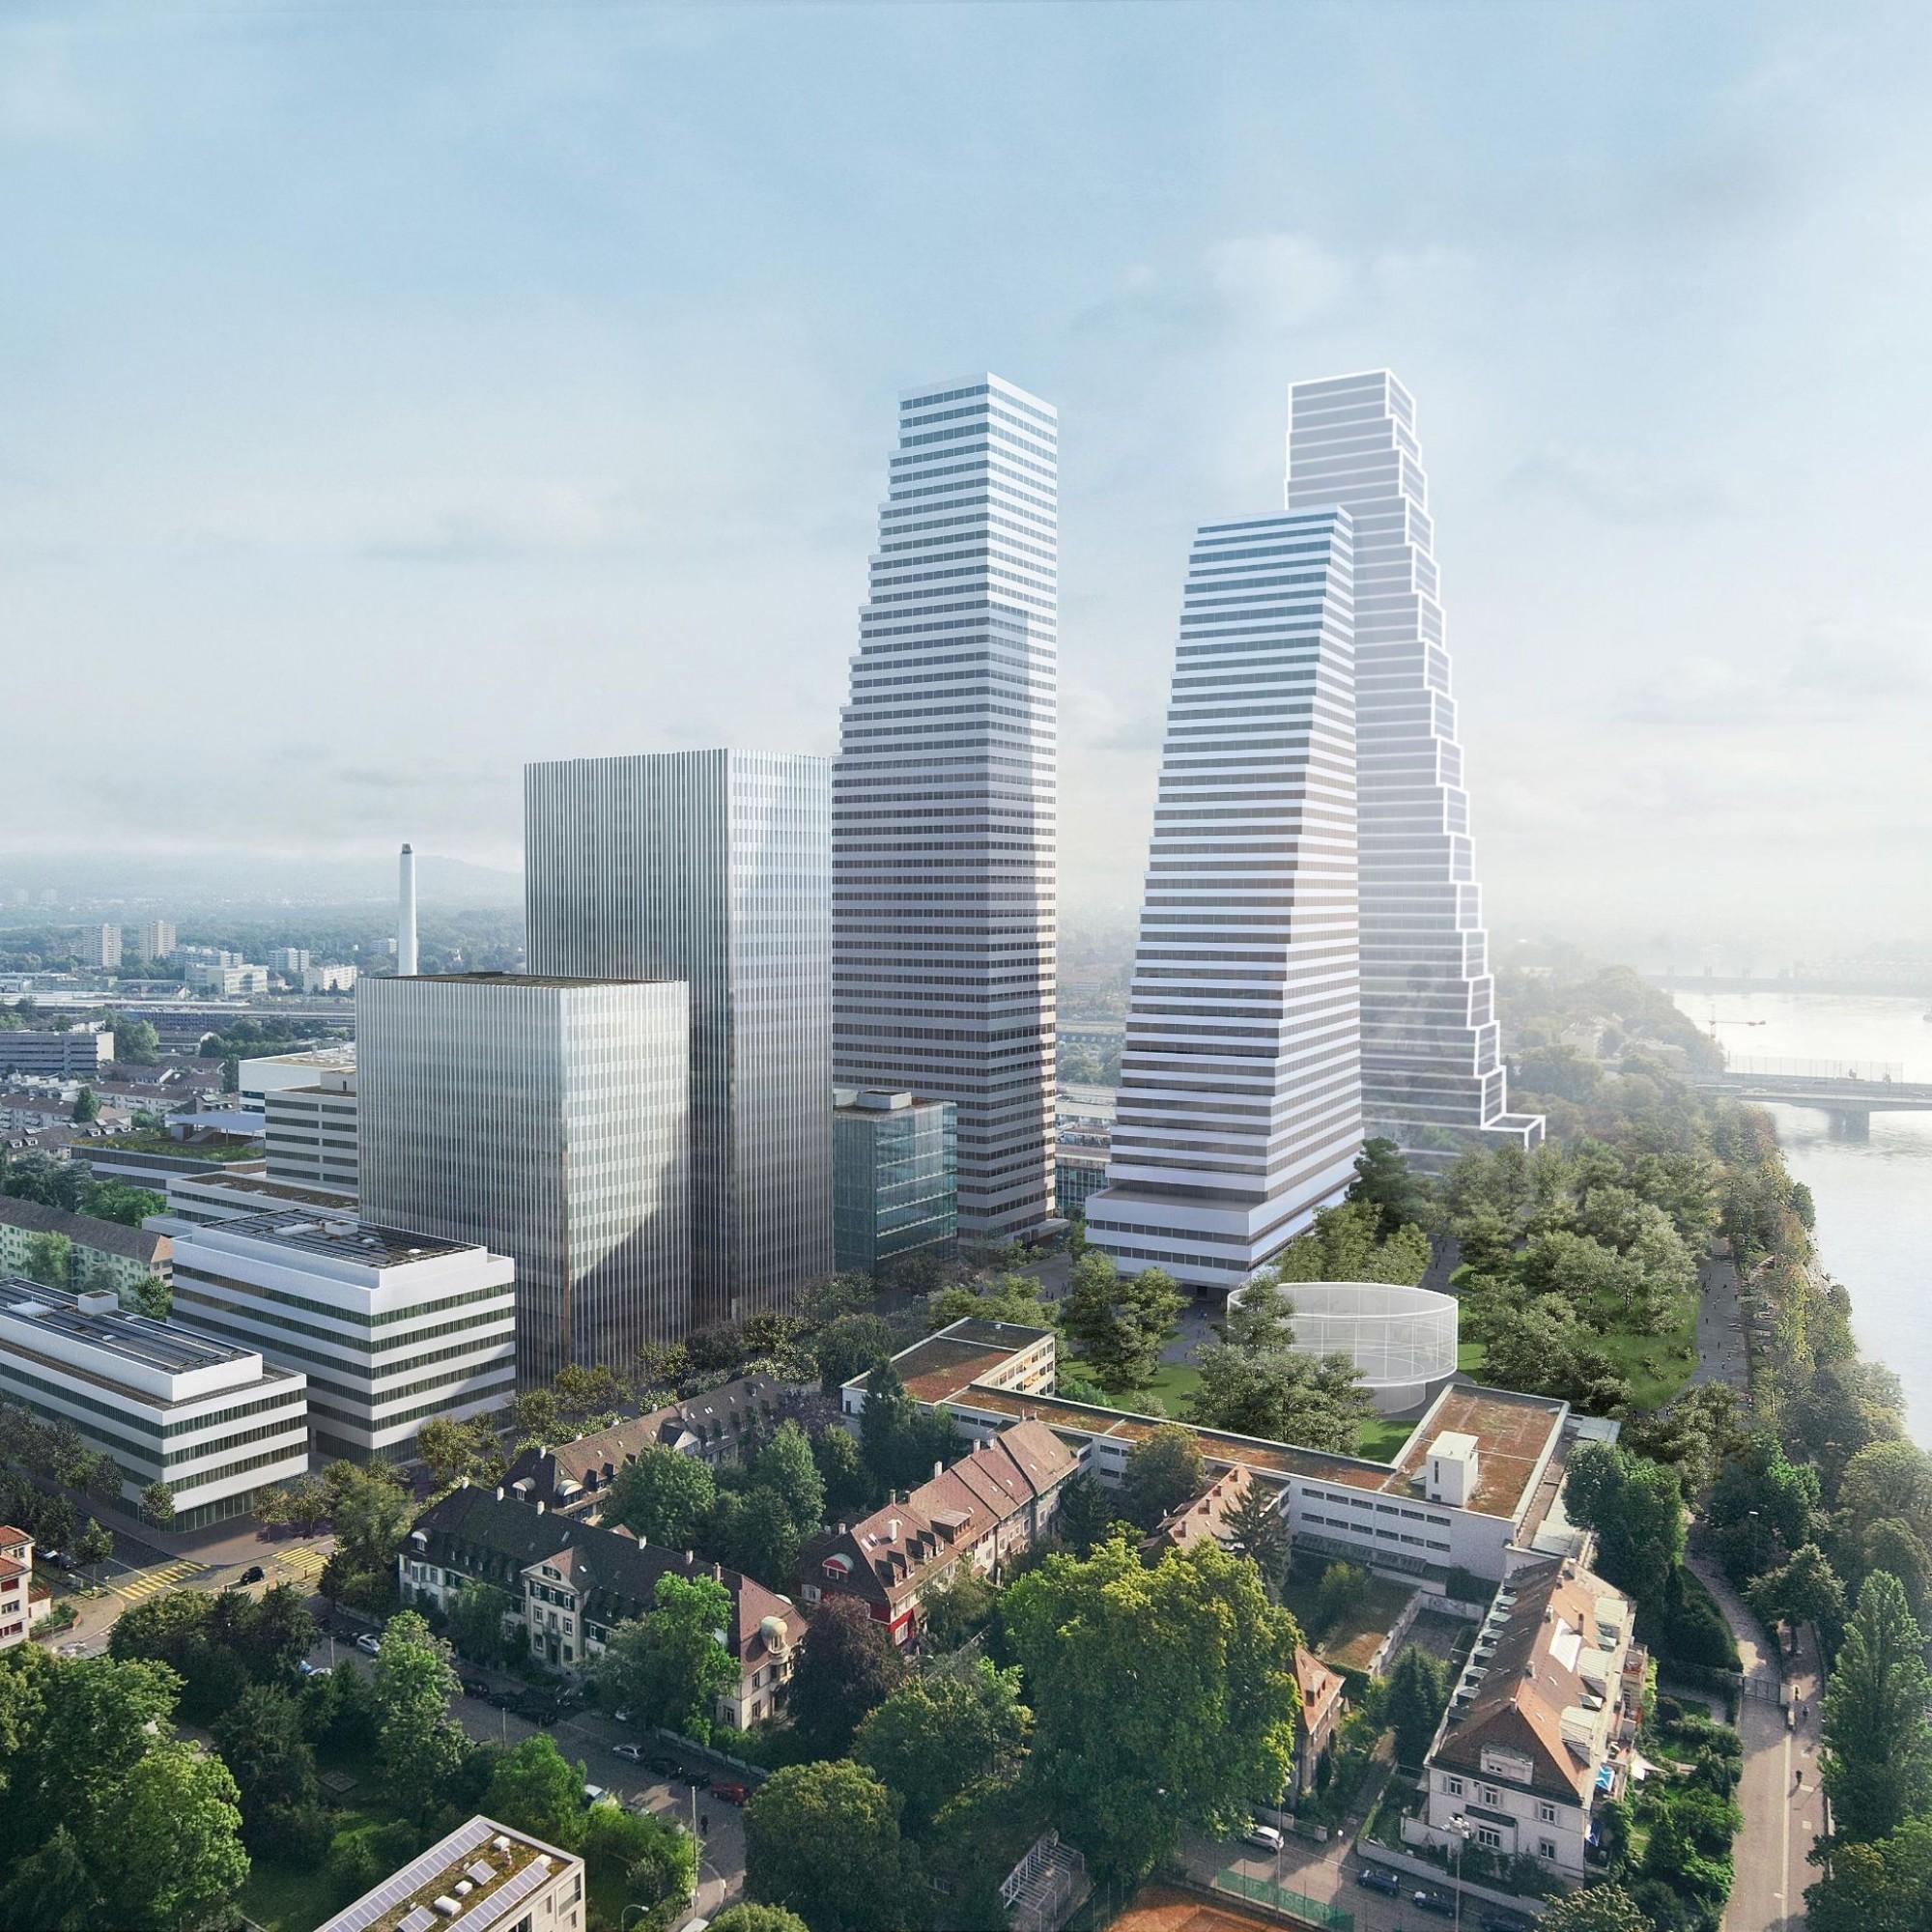 La troisième tour projetée par le groupe Roche (à droite au fond) limiterait l'emprise au sol des bâtiments de l'entreprise sur son site. Ce qui va de pair avec des démolitions d'immeubles.